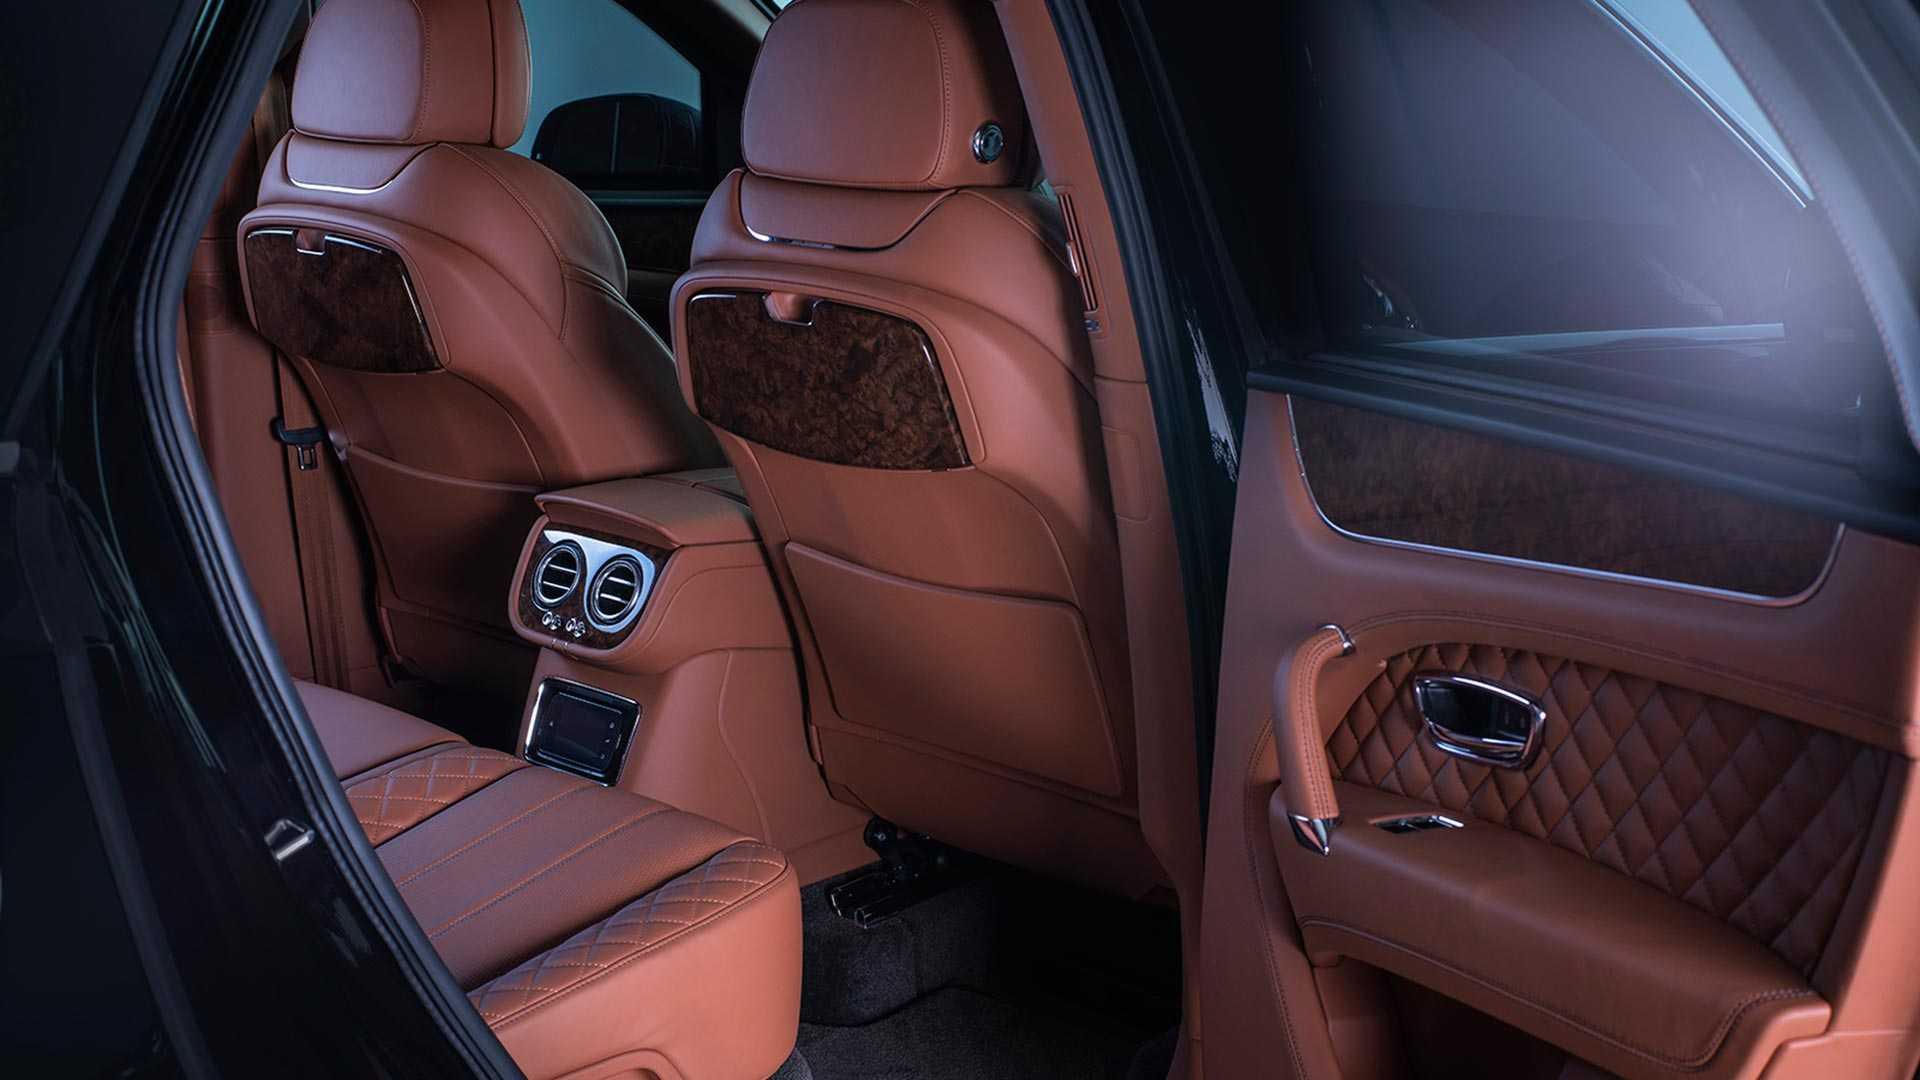 SUV siêu sang Bentley Bentayga phiên bản bọc thép - 11